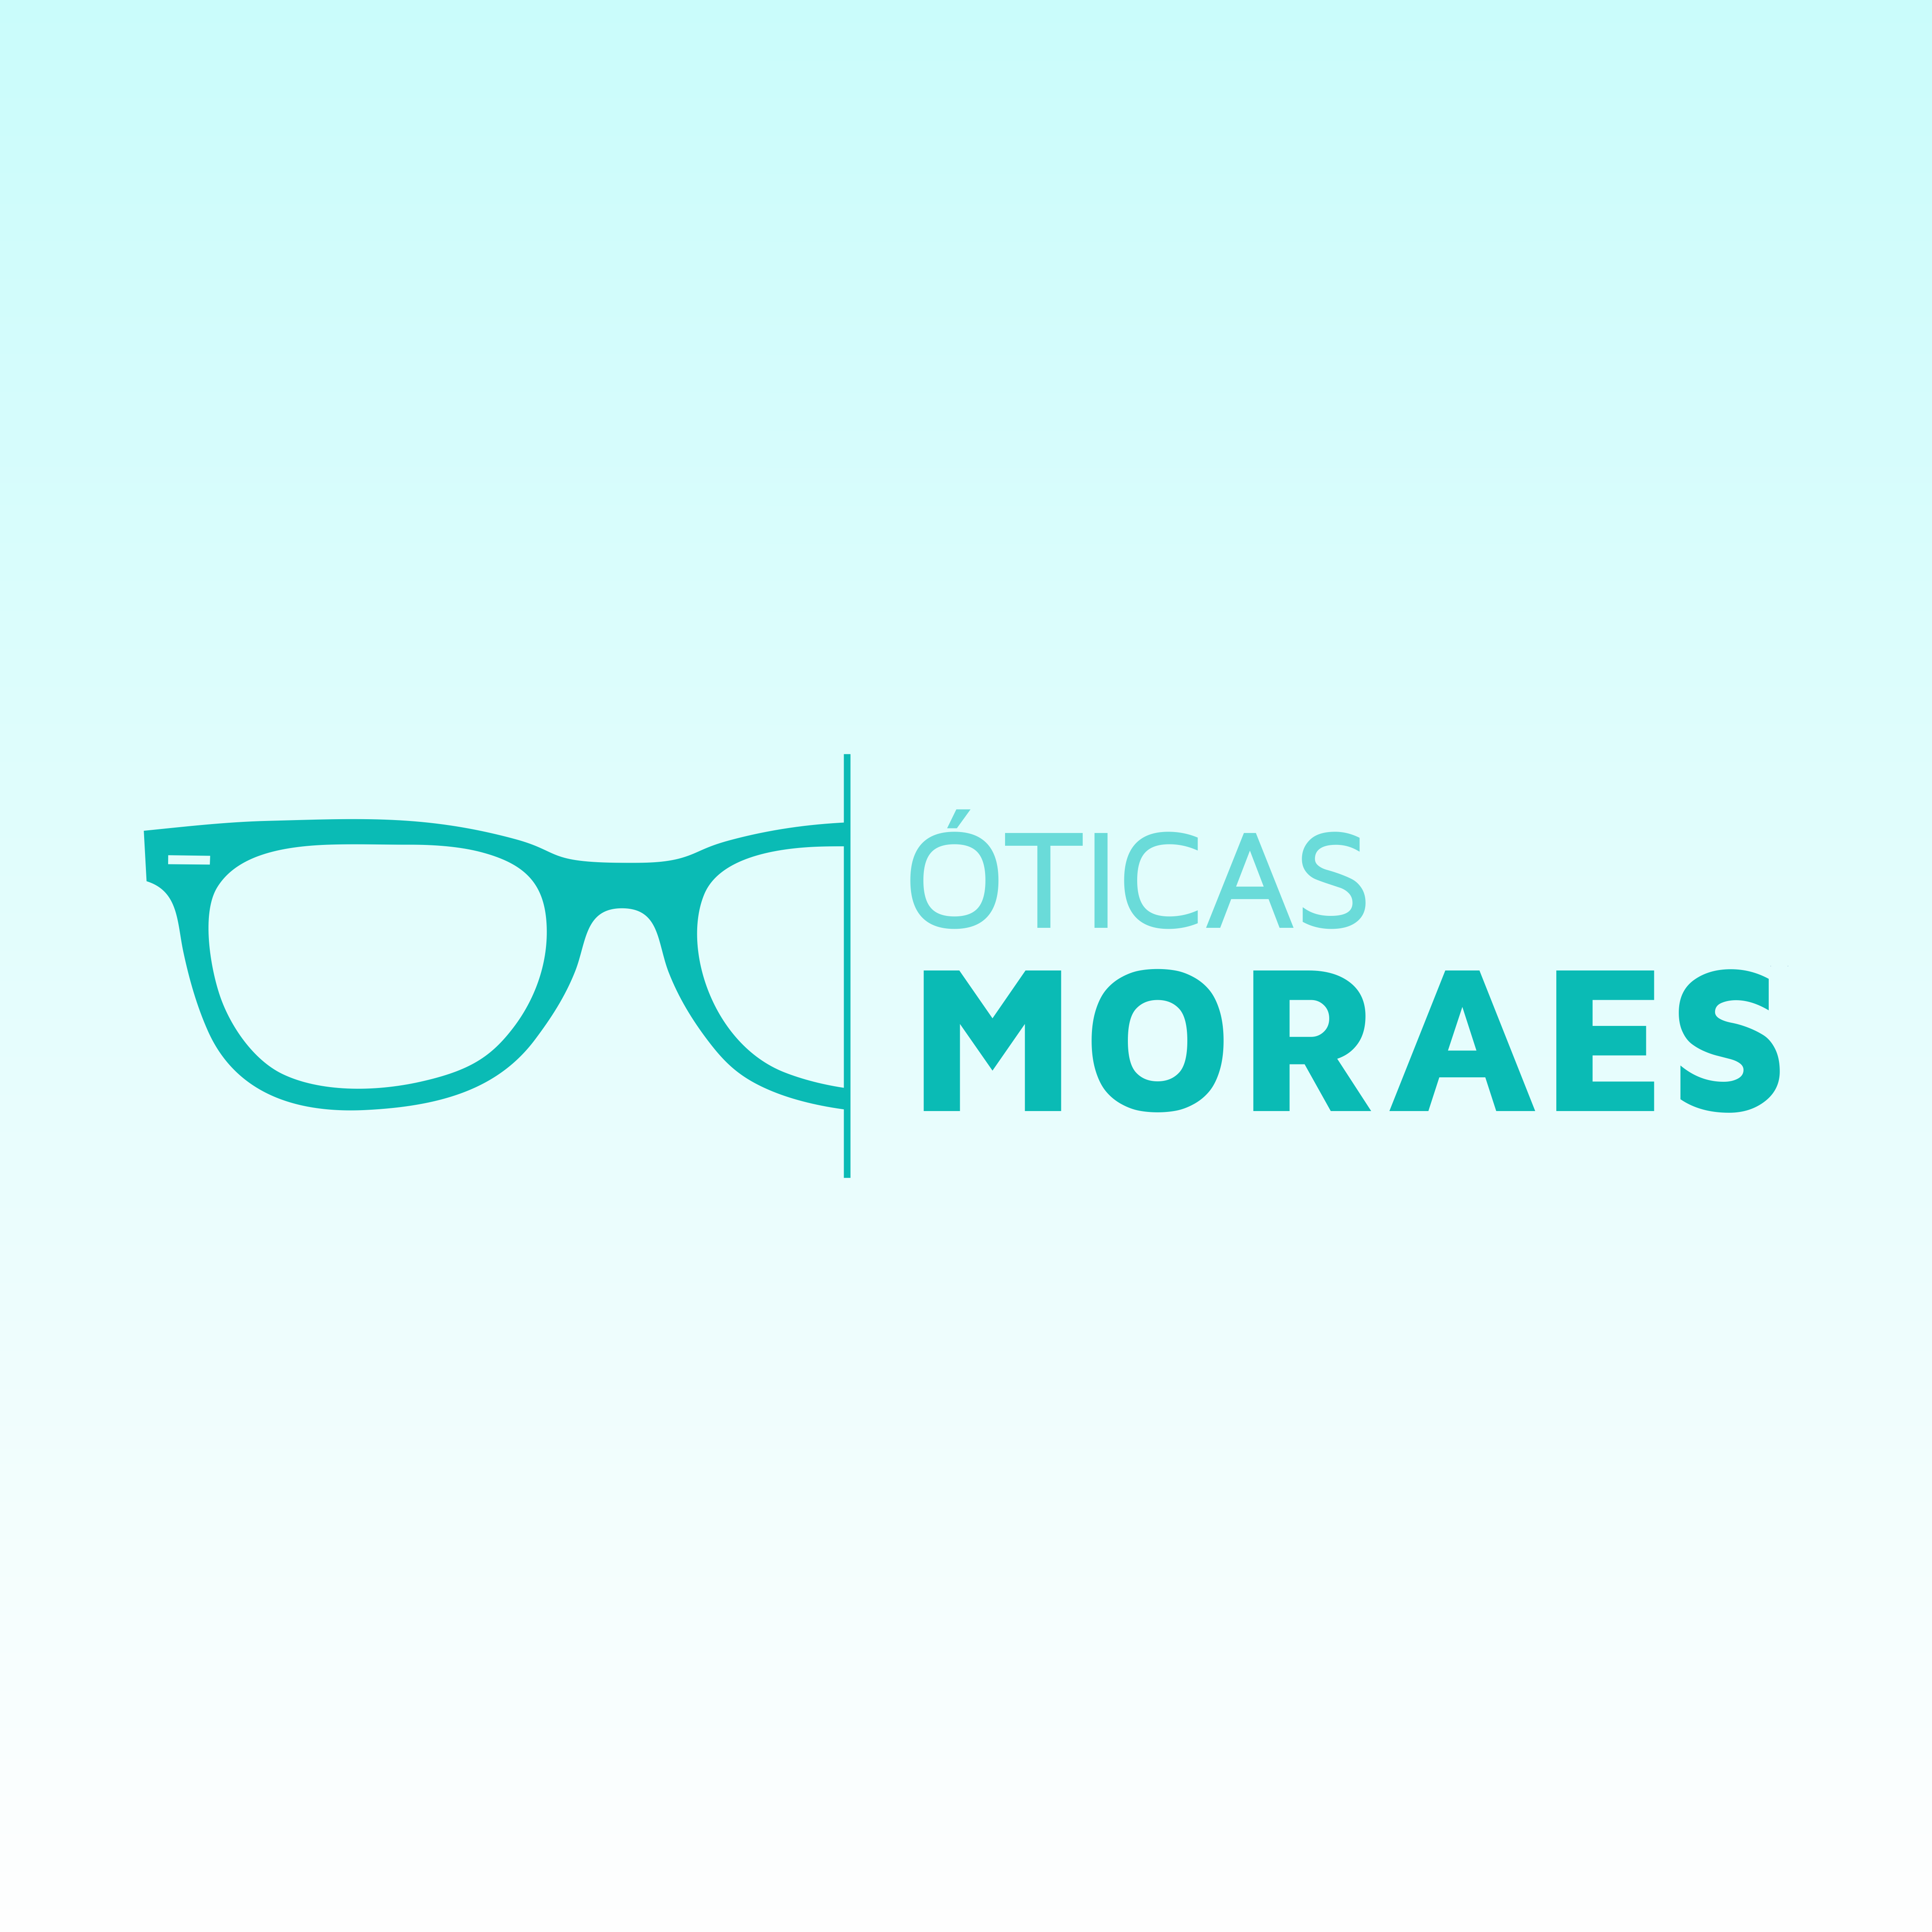 Óticas Moraes